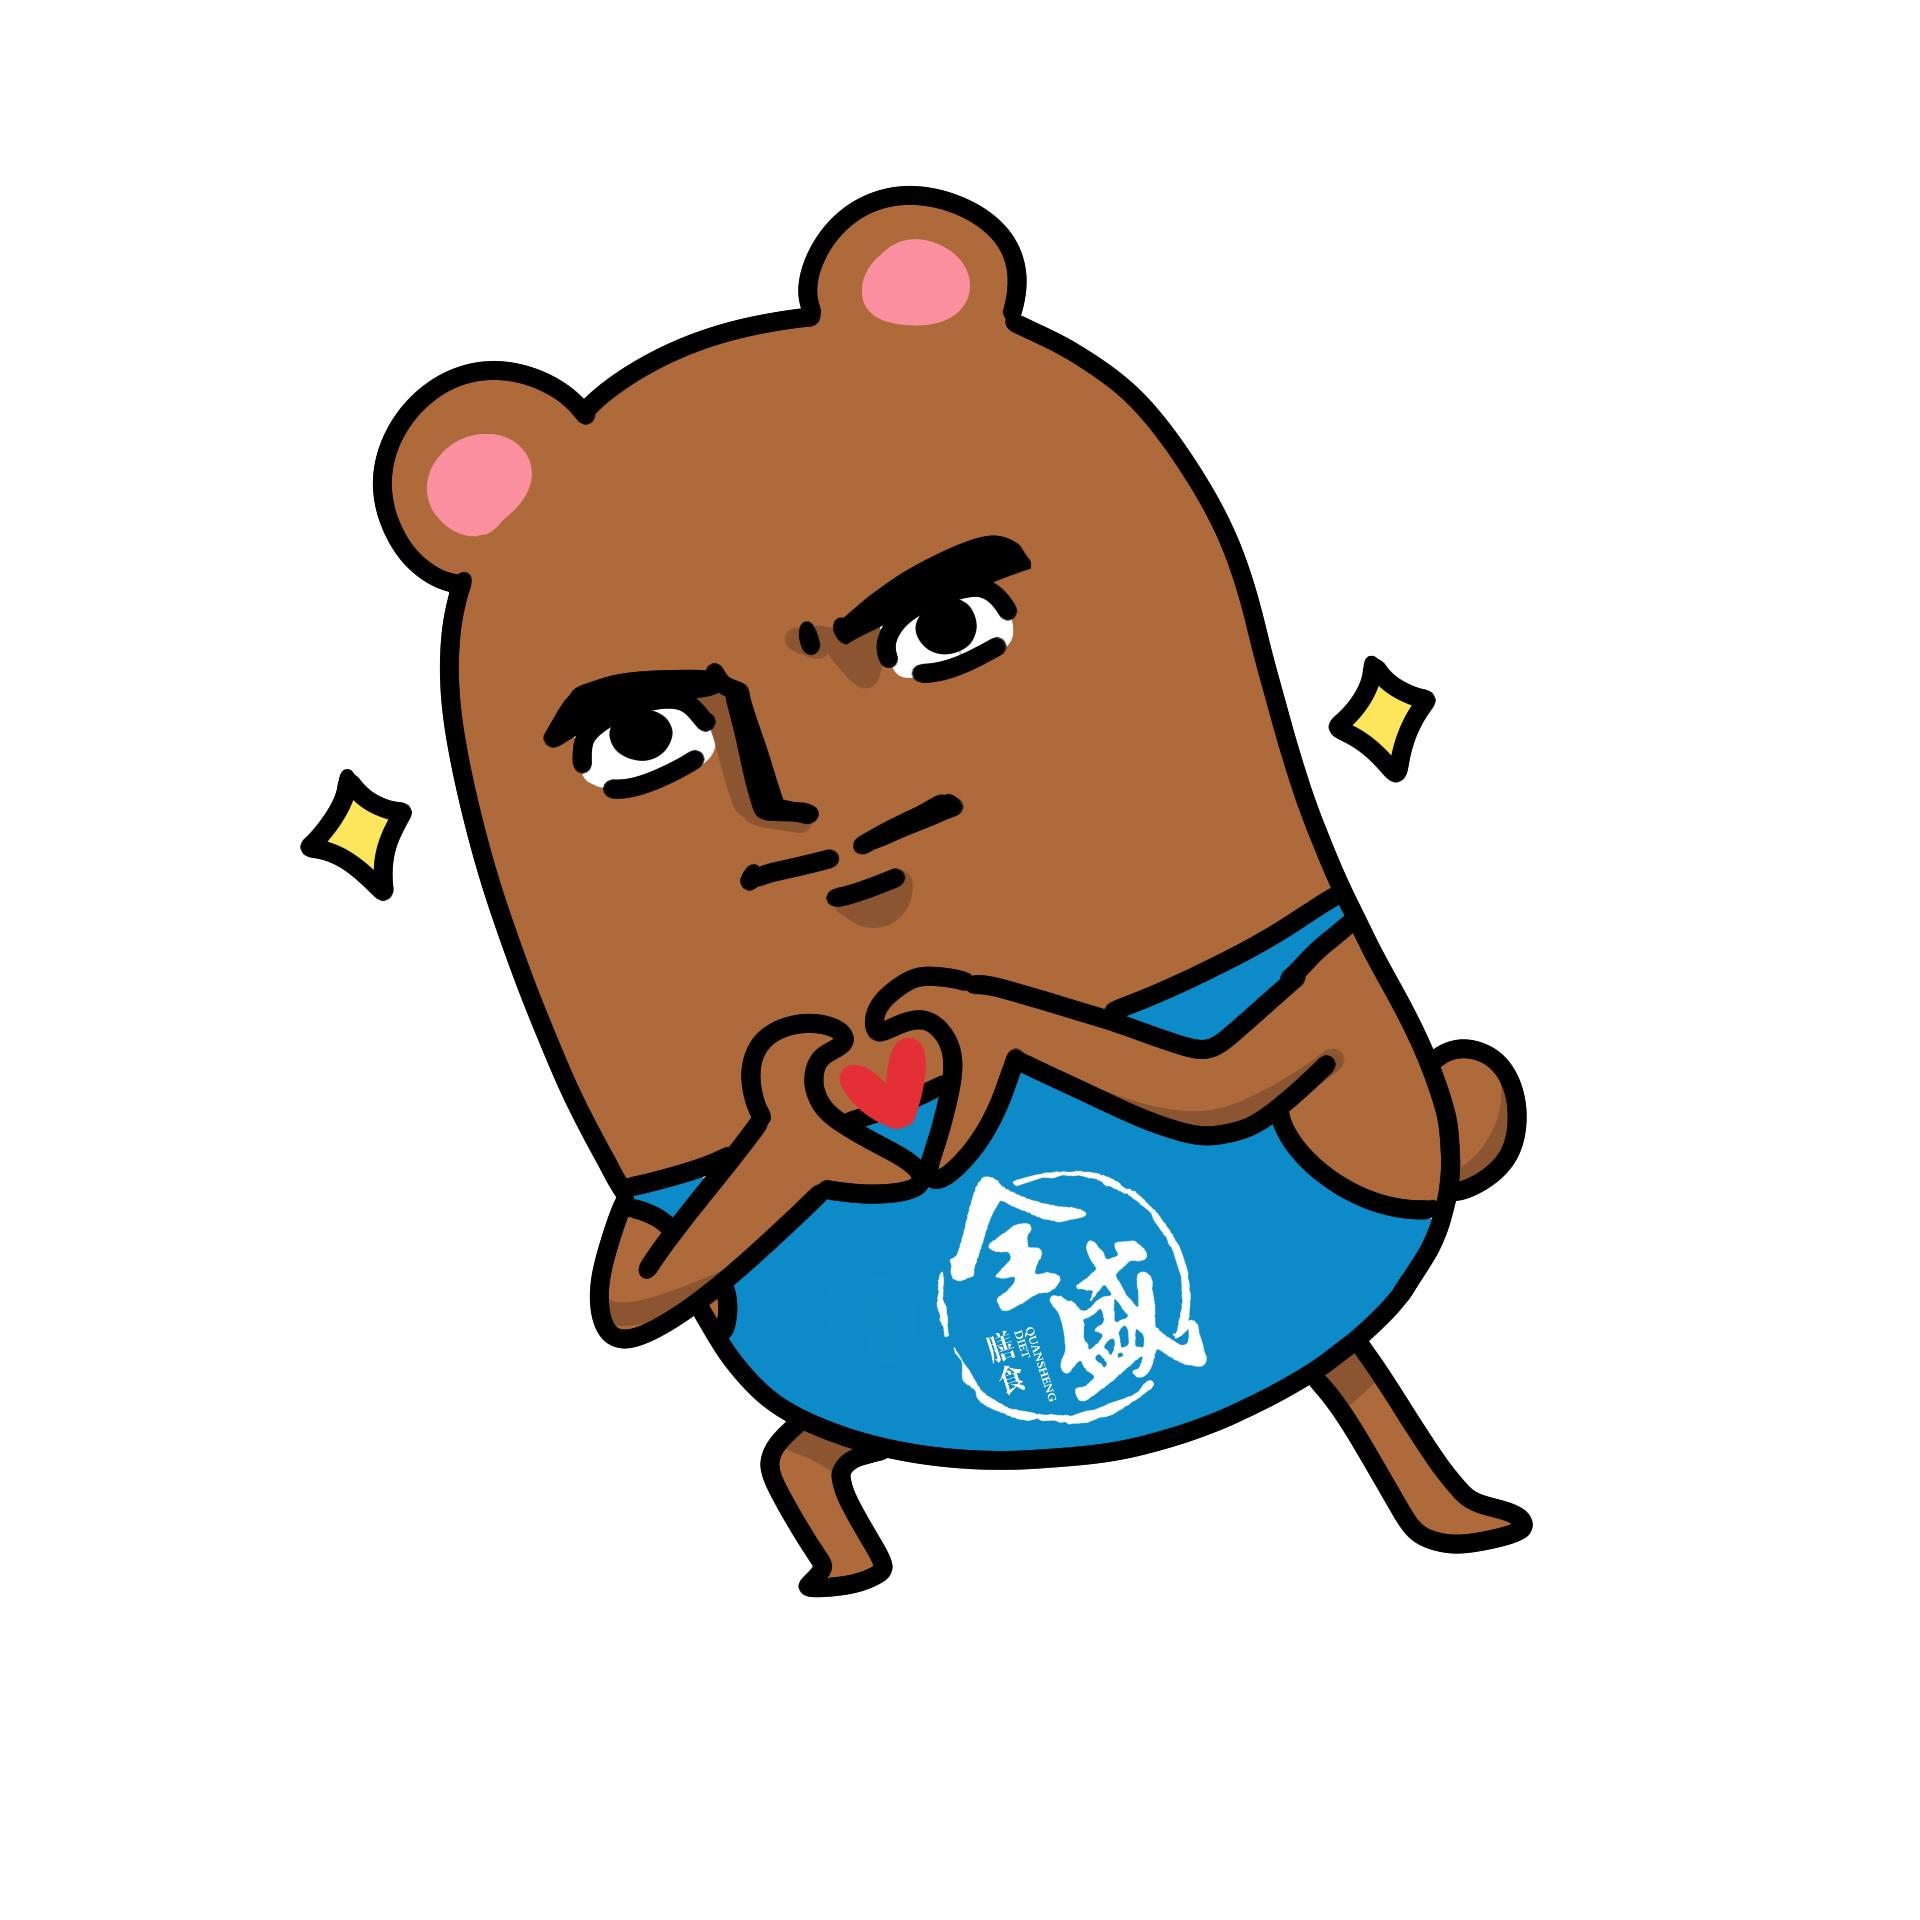 全盛小熊.png